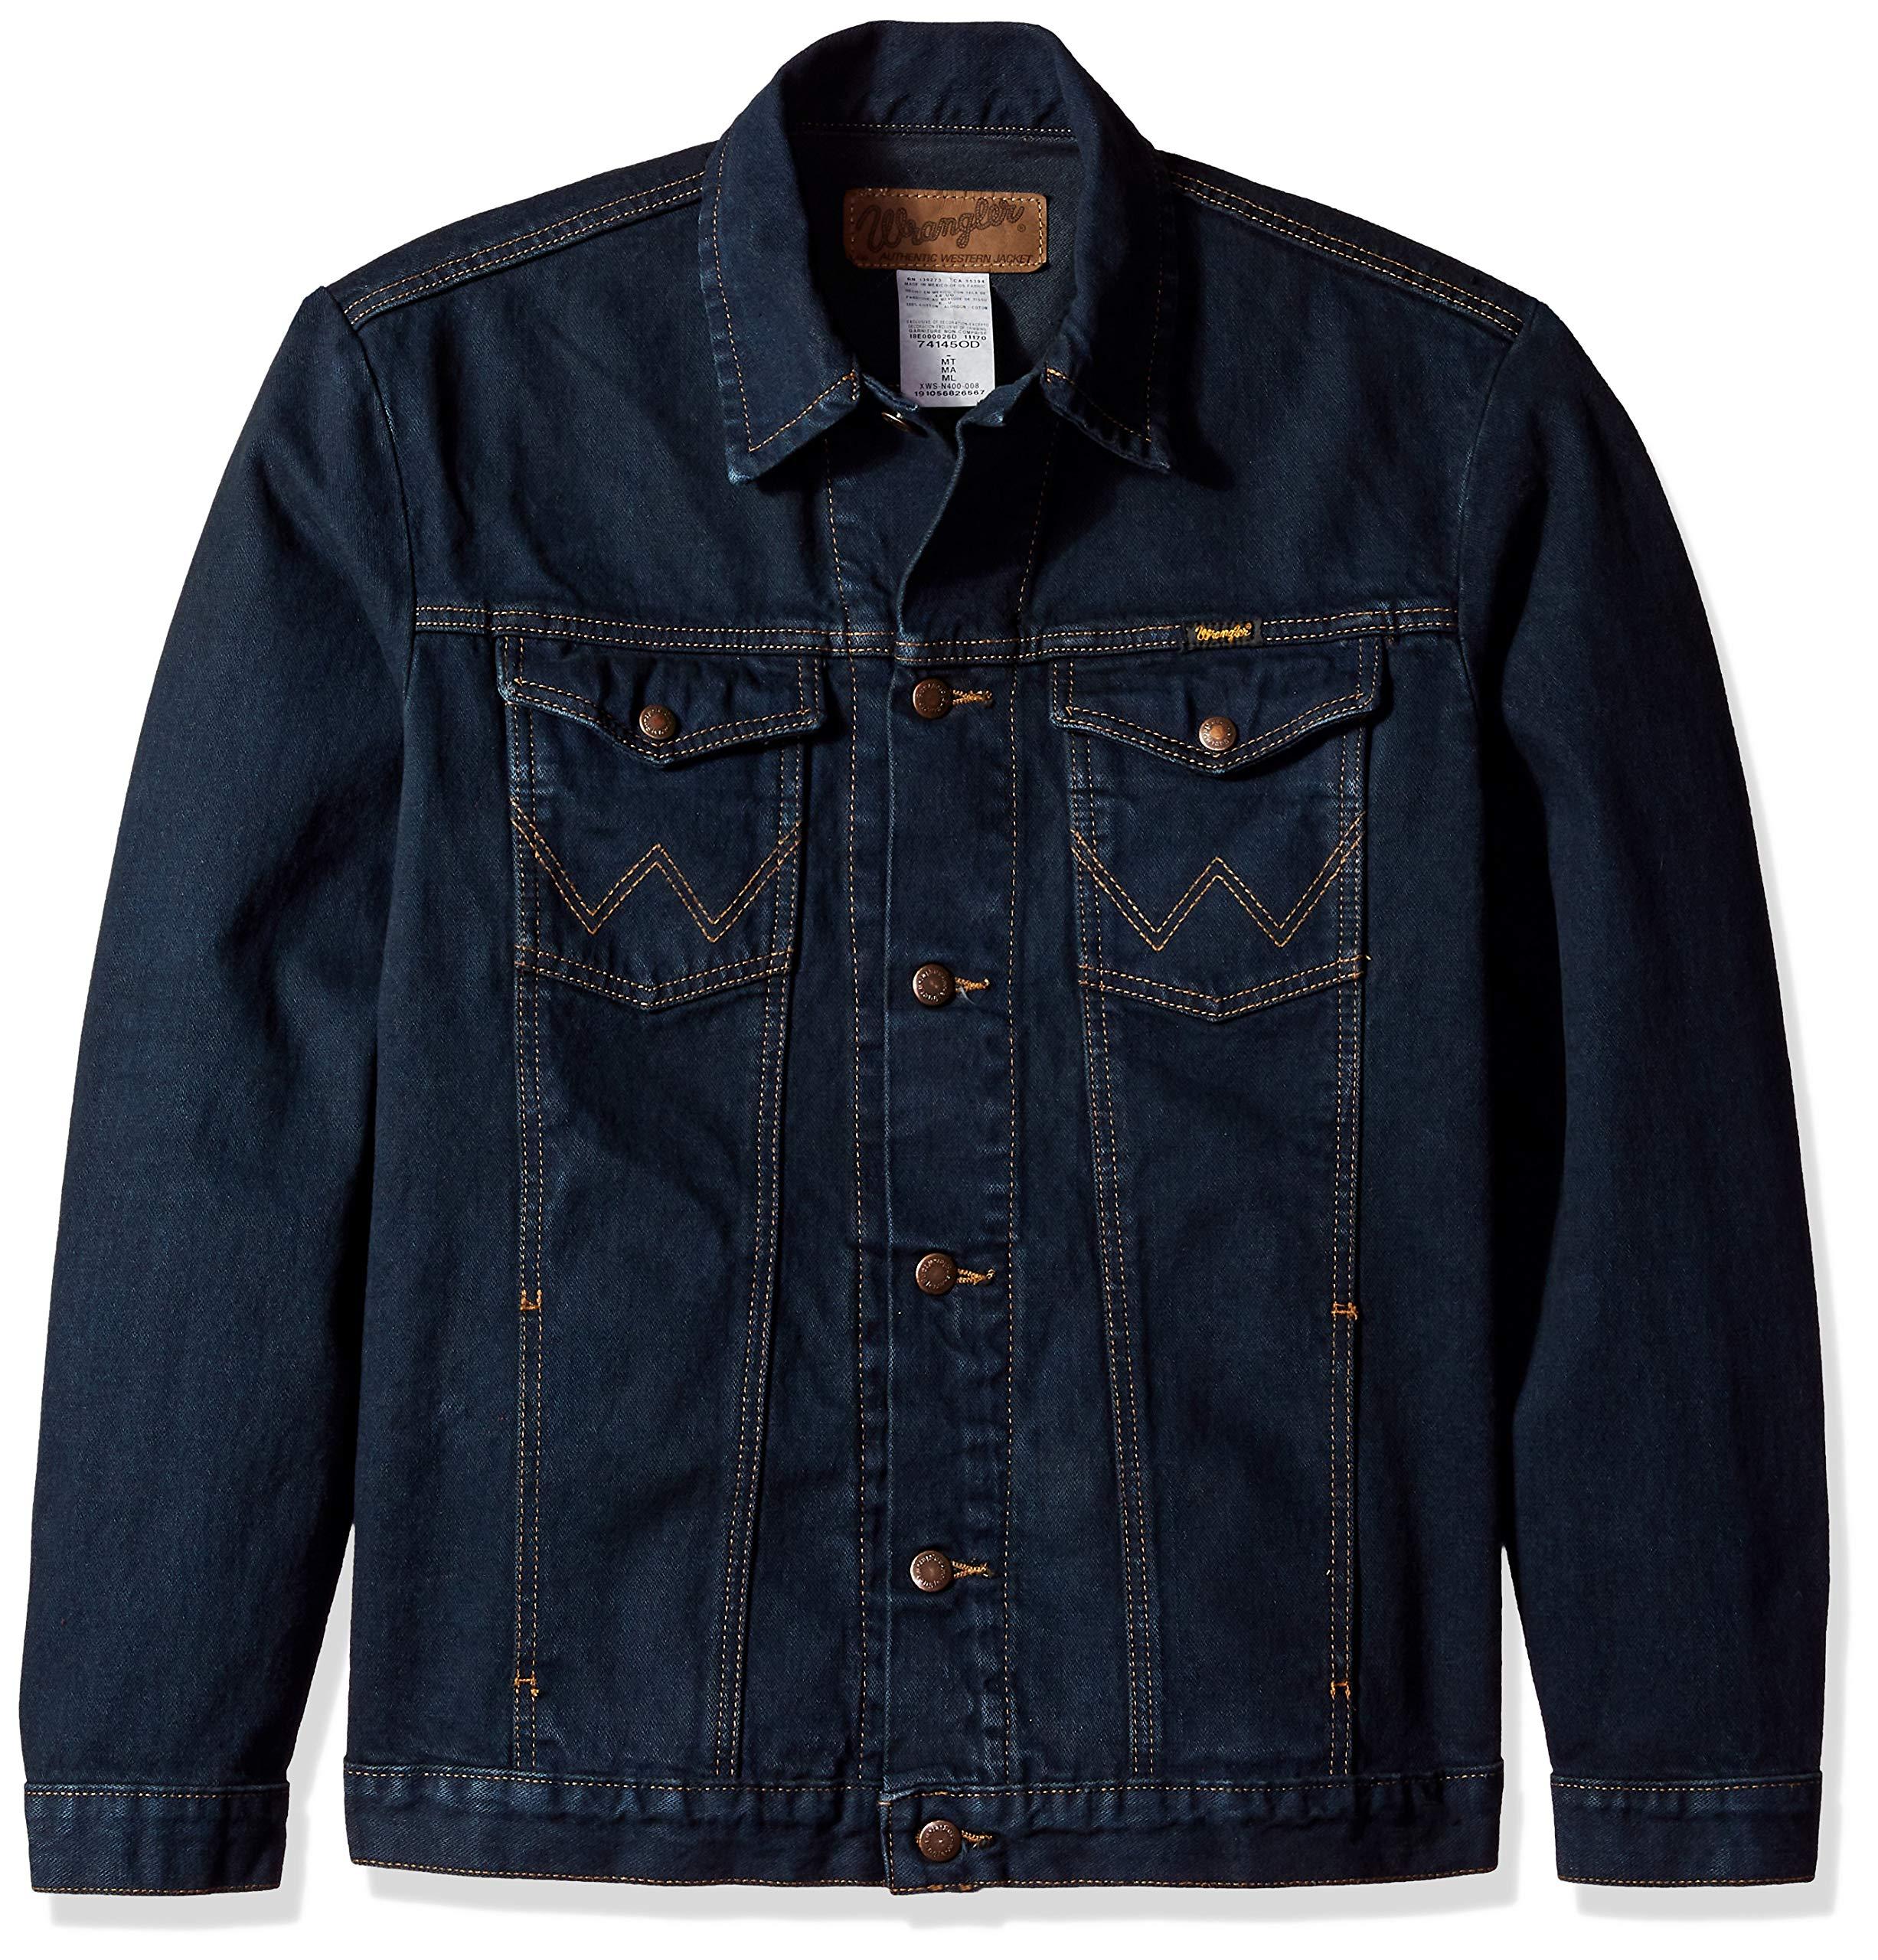 Wrangler Men's Western Style Unlined Denim Jacket, Dark Dye, Medium by Wrangler